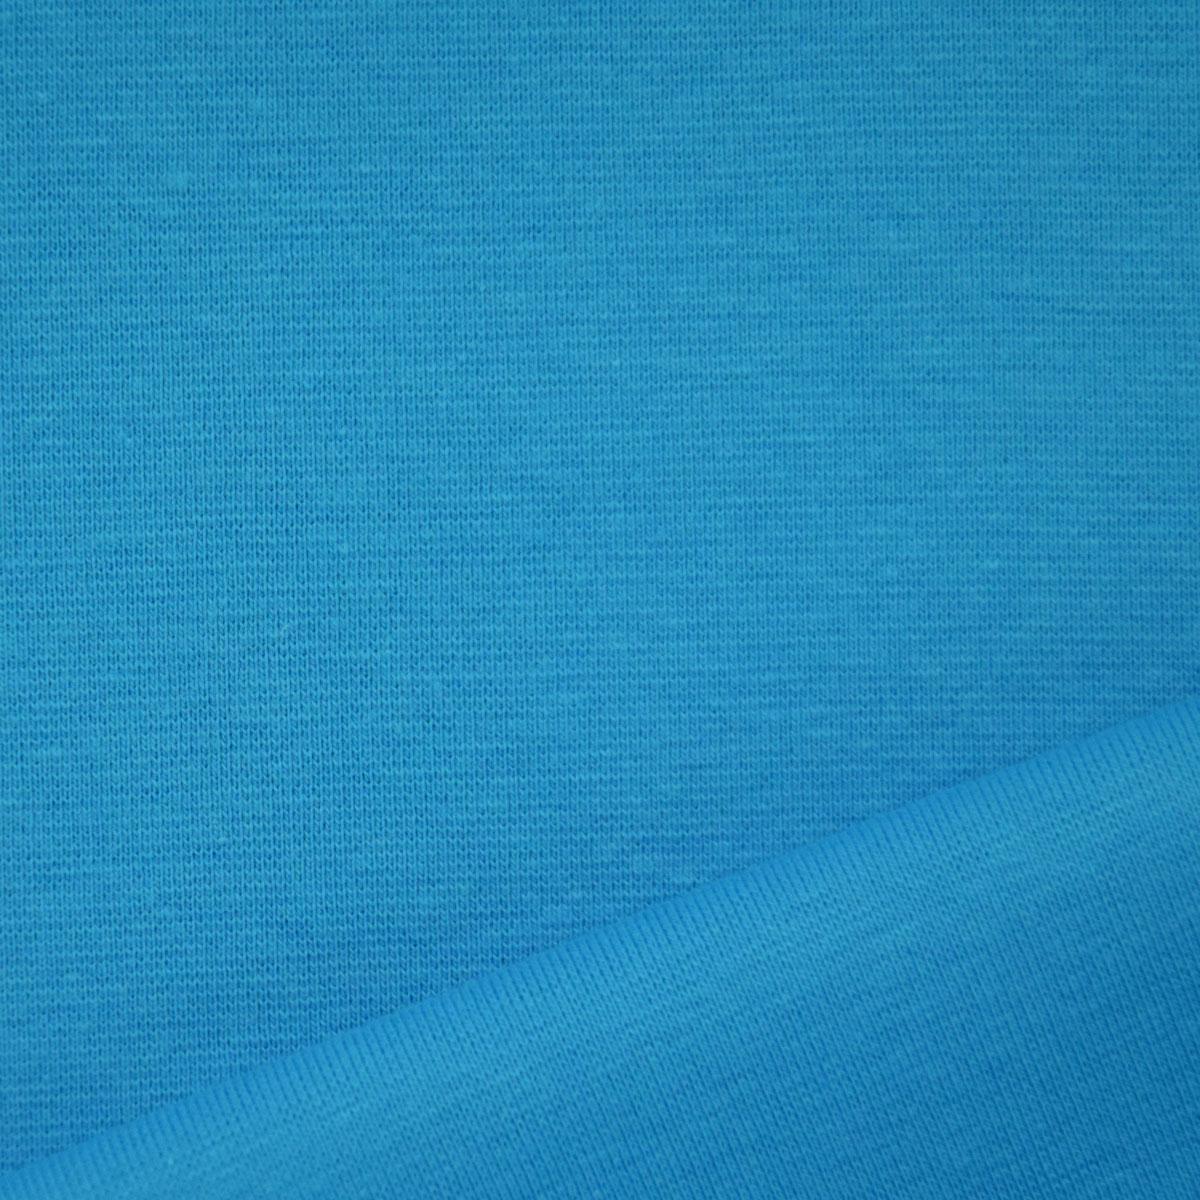 50cm Bündchen / Schlauchware kräftig türkis 7030